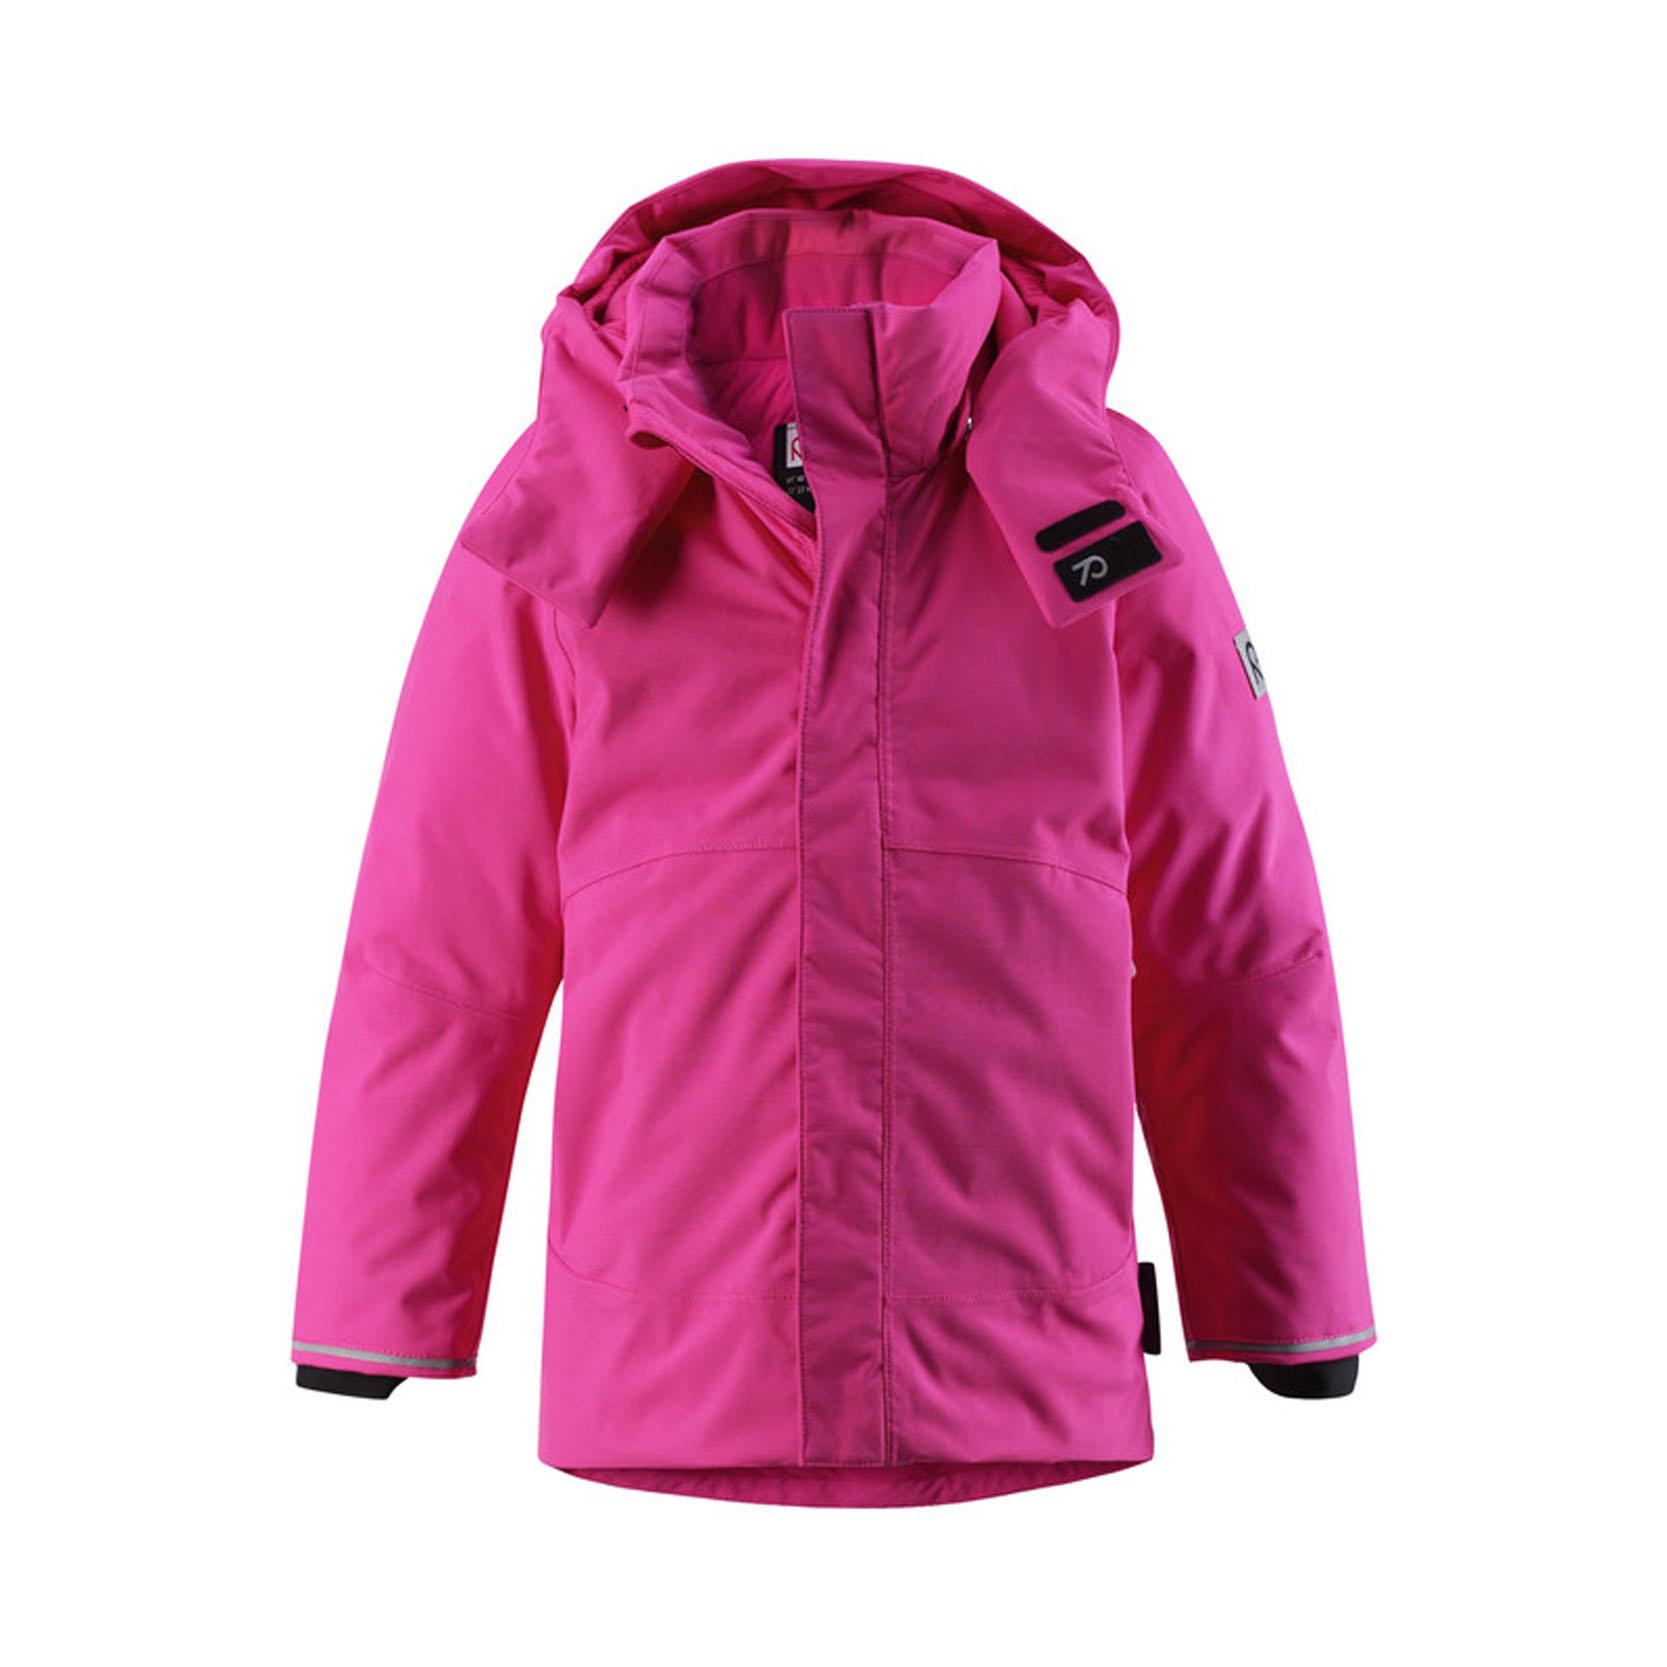 Куртка521372_1210Теплая детская куртка Reimatec+ Paasi идеально подойдет для ребенка в холодное время года. Куртка изготовлена из водоотталкивающей и ветрозащитной мембранной ткани с утеплителем из пуха и пера. Материал отличается высокой устойчивостью к трению, благодаря специальной обработке полиуретаном поверхность изделия отталкивает грязь и воду, что облегчает поддержание аккуратного вида одежды, дышащее покрытие с изнаночной части не раздражает даже самую нежную и чувствительную кожу ребенка, обеспечивая ему наибольший комфорт. Куртка с капюшоном и удлиненной спинкой застегивается на пластиковую застежку-молнию с защитой подбородка, благодаря чему ее легко надевать и снимать, и дополнительно имеет внешний ветрозащитный клапан на липучках. Регулируемый капюшон с козырьком защитит нежные щечки от ветра, он пристегивается к куртке при помощи кнопок и застегивается под подбородком клапаном на липучки. Низ рукавов дополнен внутренними широкими манжетами из лайкры, они мягко обхватывают...